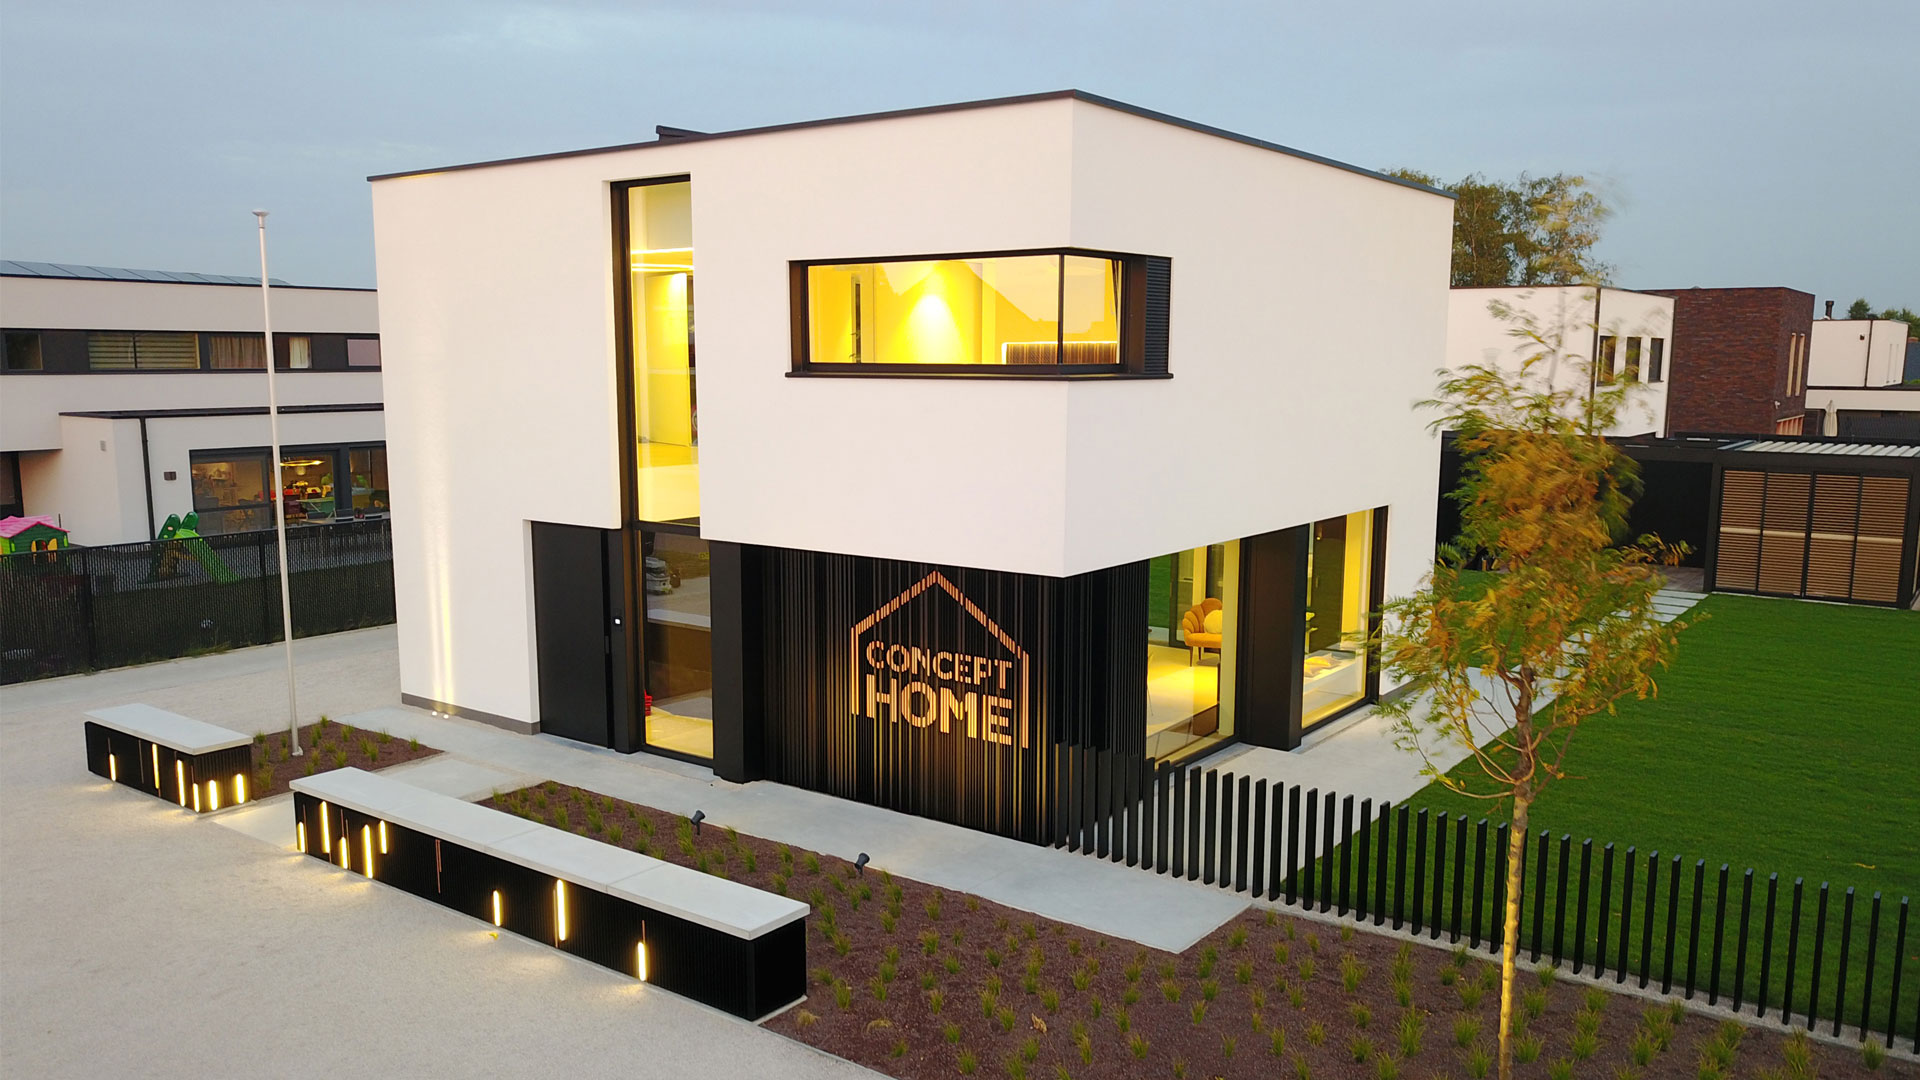 Das Concept Home des Unternehmens Renson, ein Testgebäude für gesundes Wohnen in Belgien (Nähe Waregem).